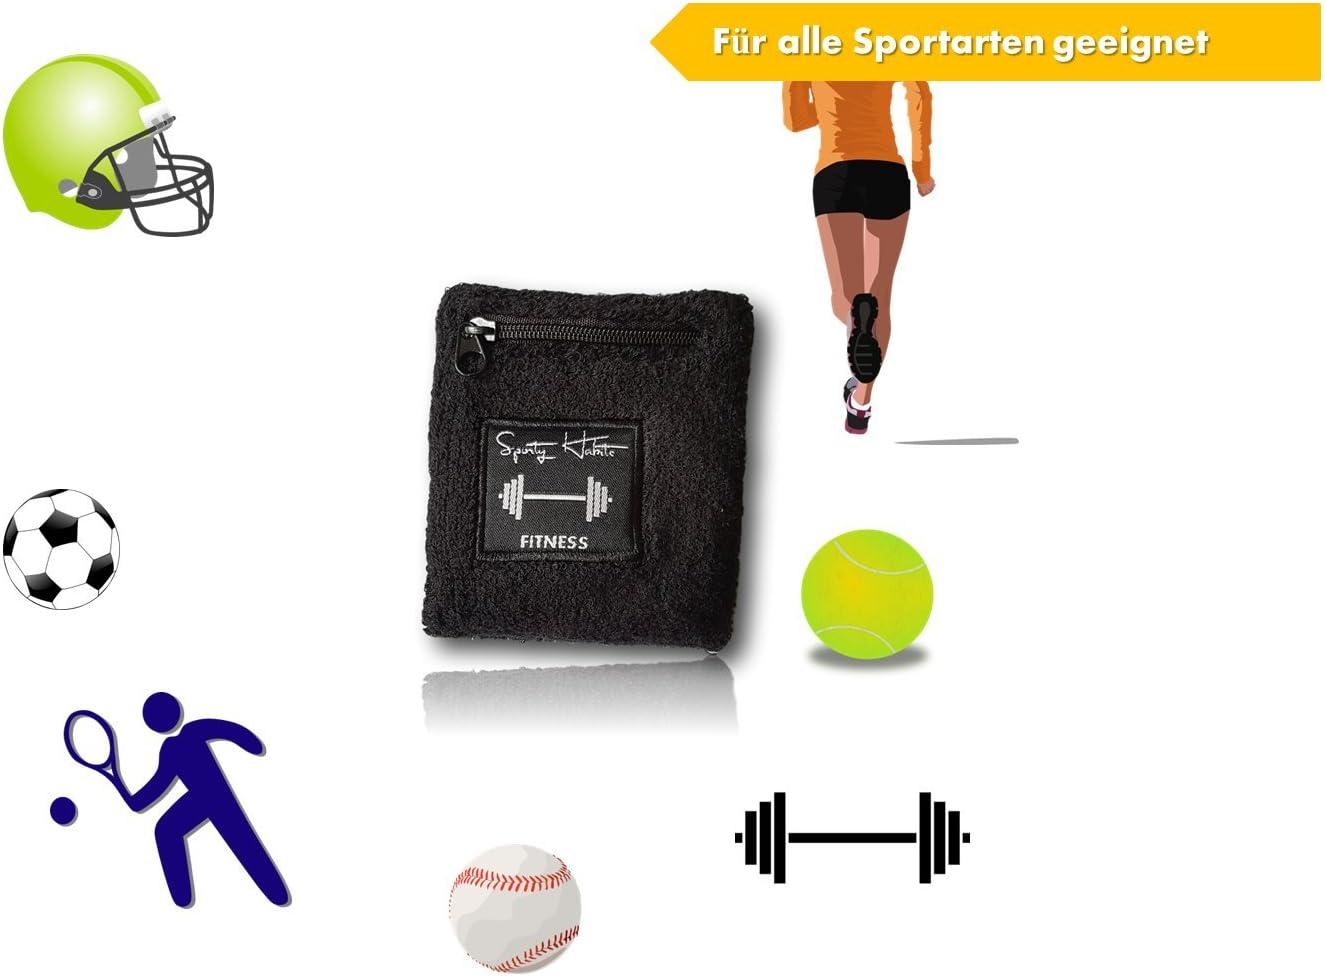 /Imperm/éable pour cl/és /avec Poche zipp/ée/ sporty habits Bandeau /éponge Noir/ Walken etc/ /Jogging Argent Cartes,/ Fitness /Bracelet Bandeau /ép Cyclisme